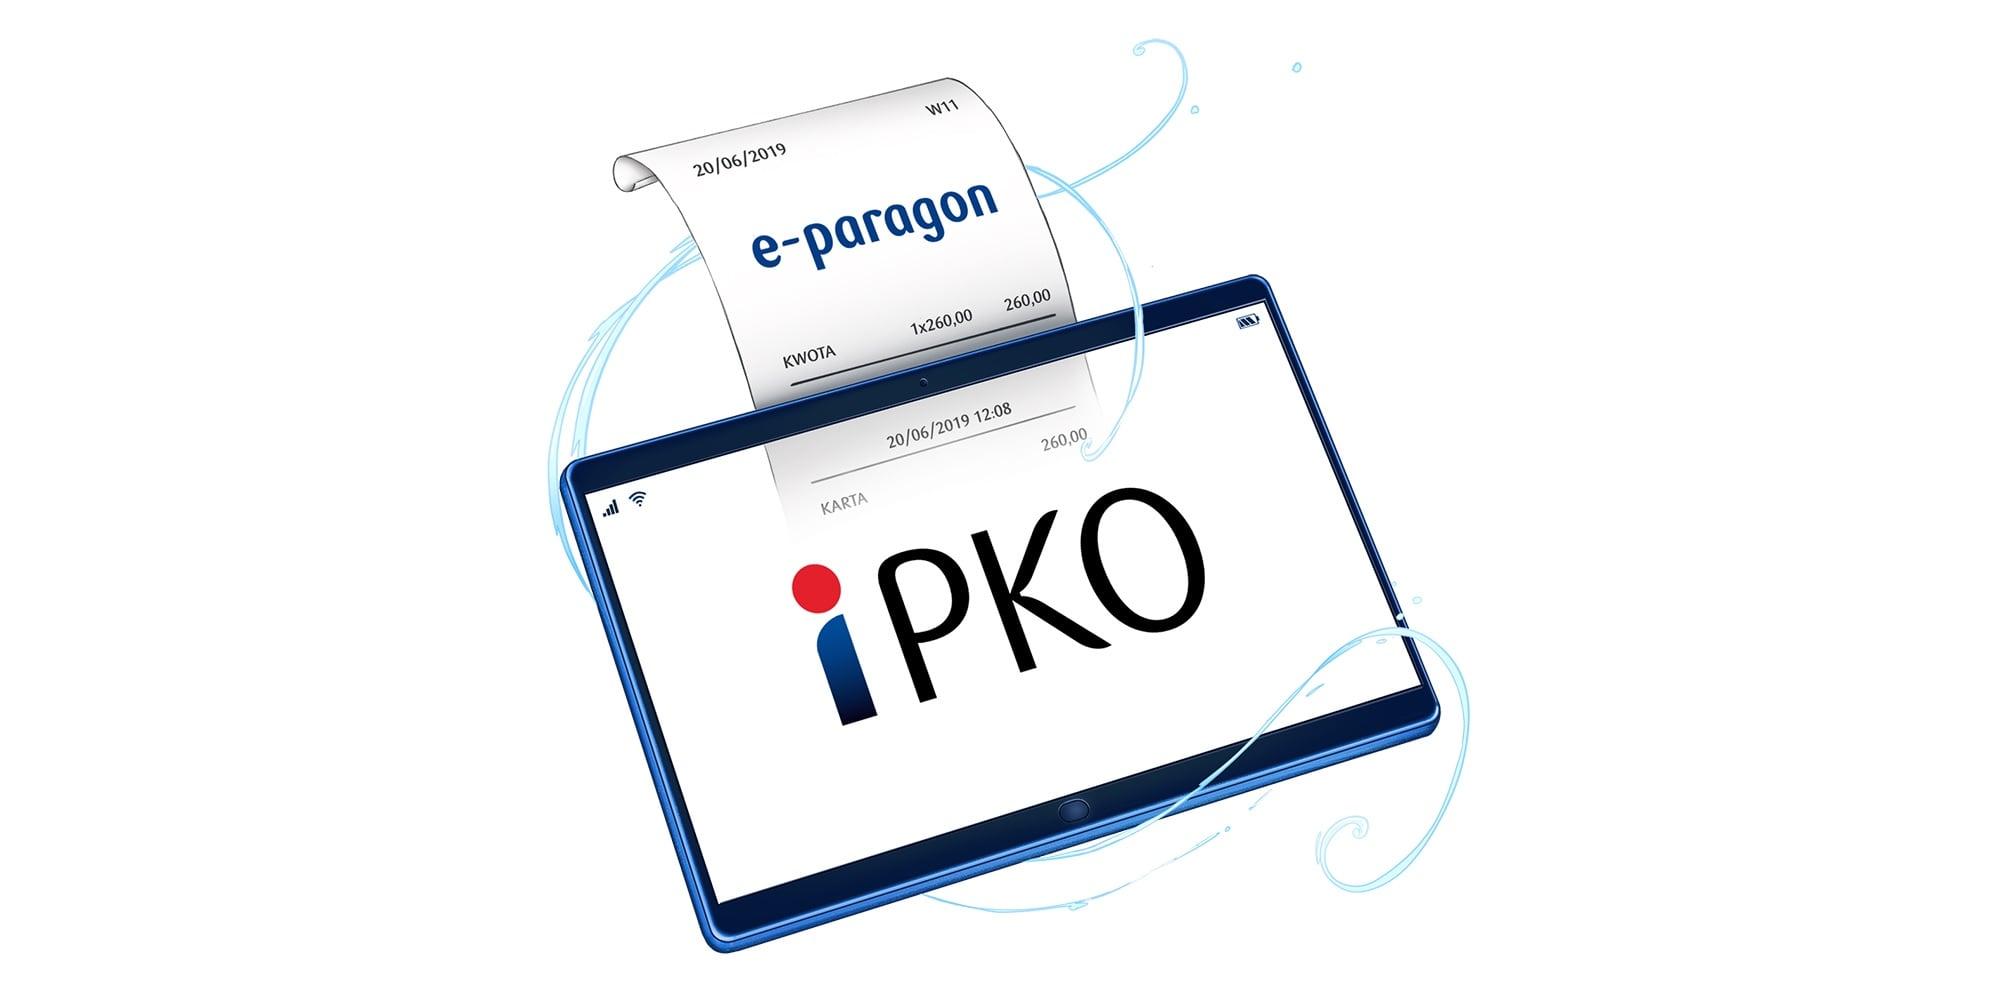 Pilotaż projektu eParagon od teraz na wszystkich stacjach własnych PKN Orlen